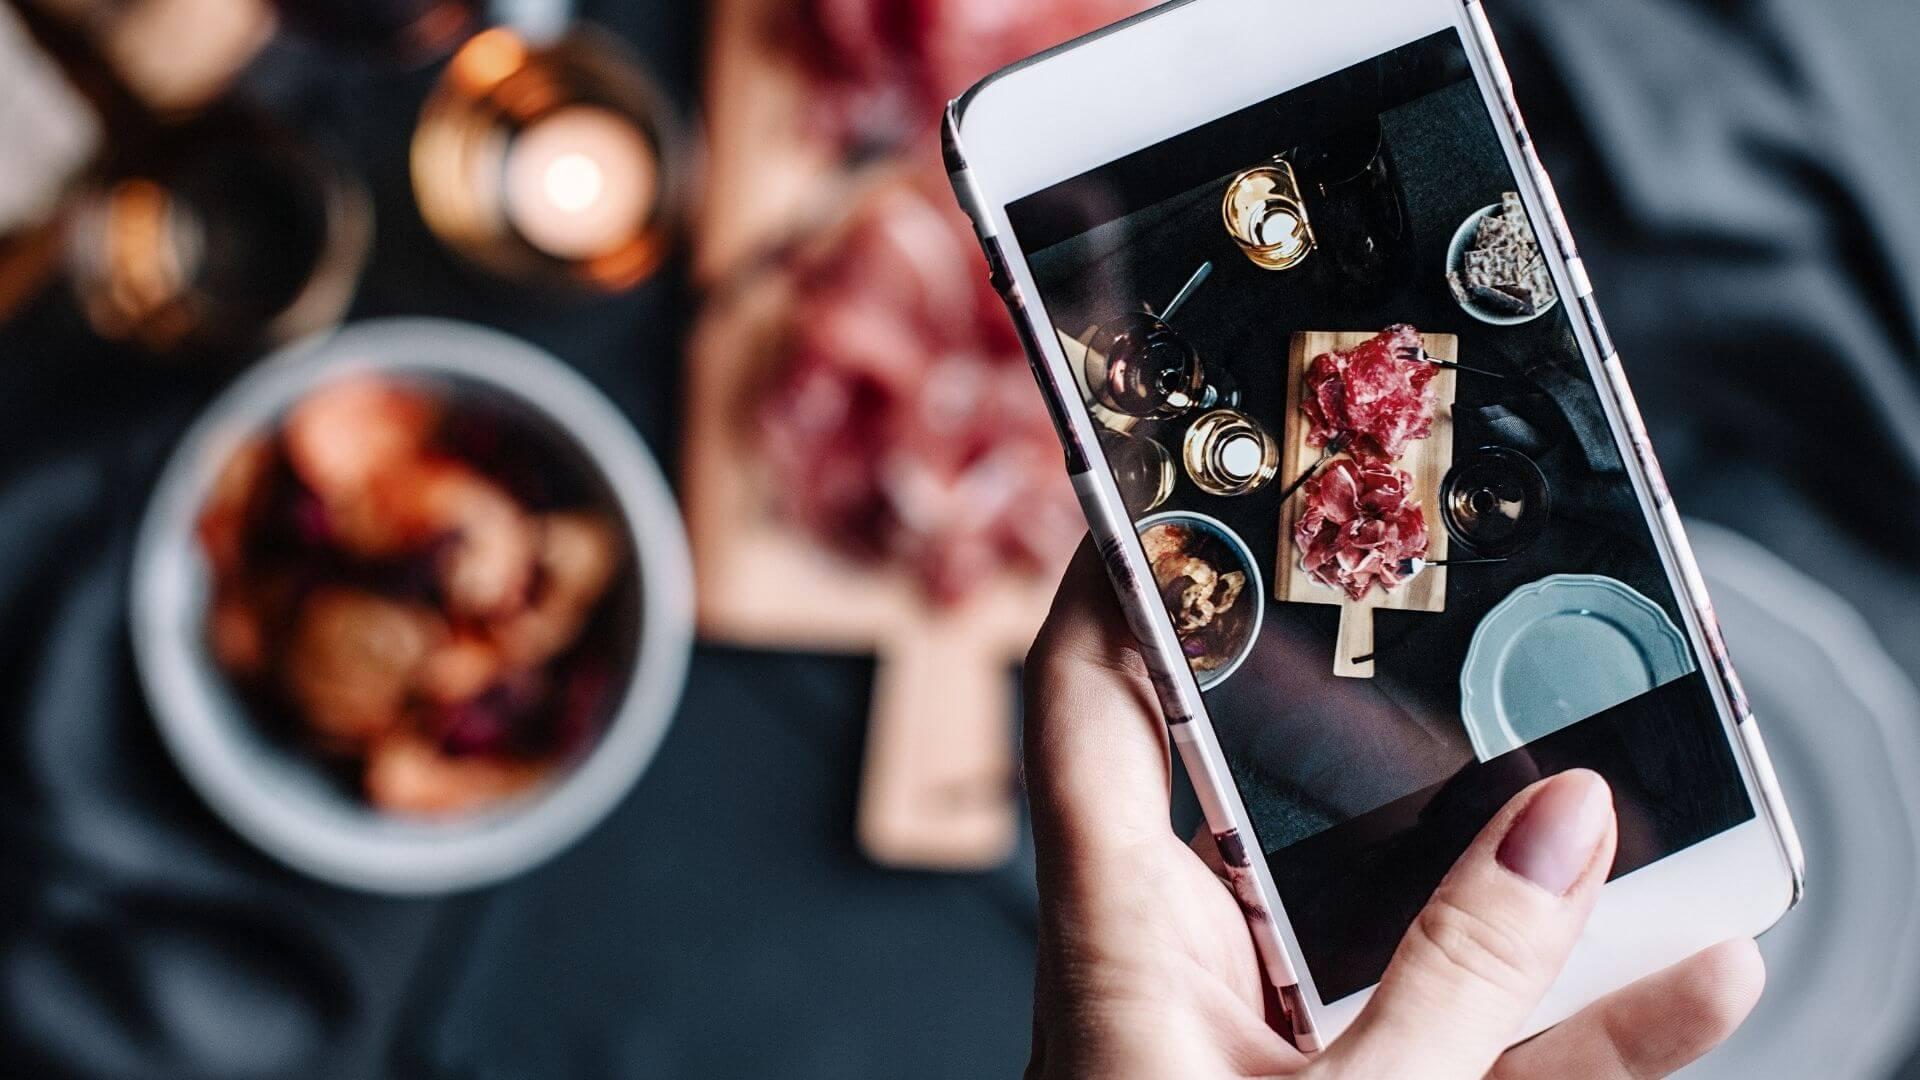 Fotografia de Alimentos: Dicas para tirar fotos profissionais